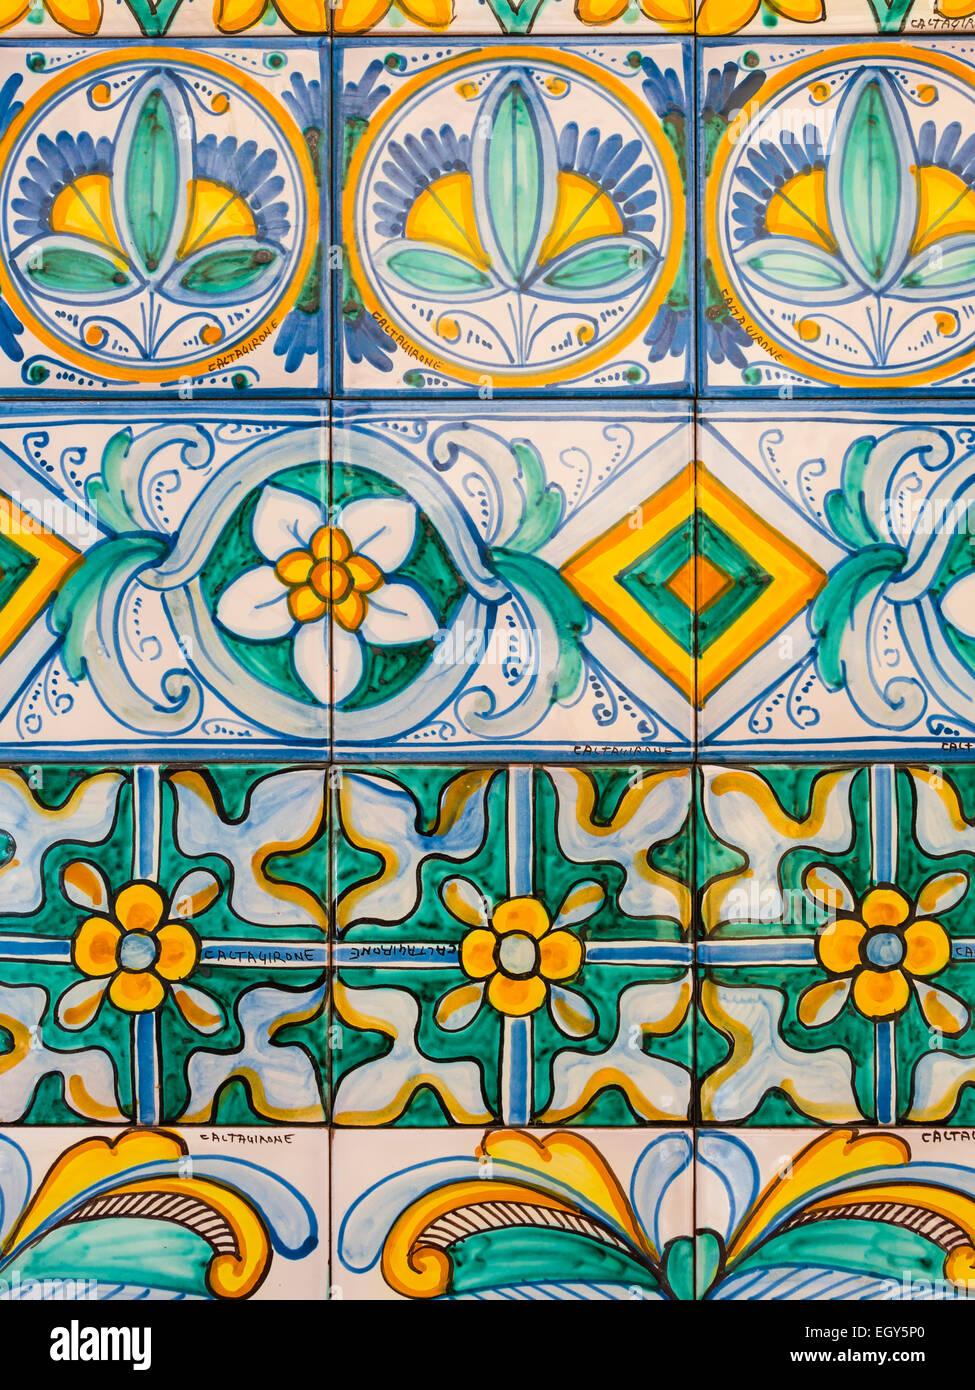 L'Italia, Sicilia, Caltagirone, maioliche presso la Scala Santa Maria del Monte Foto stock - Alamy